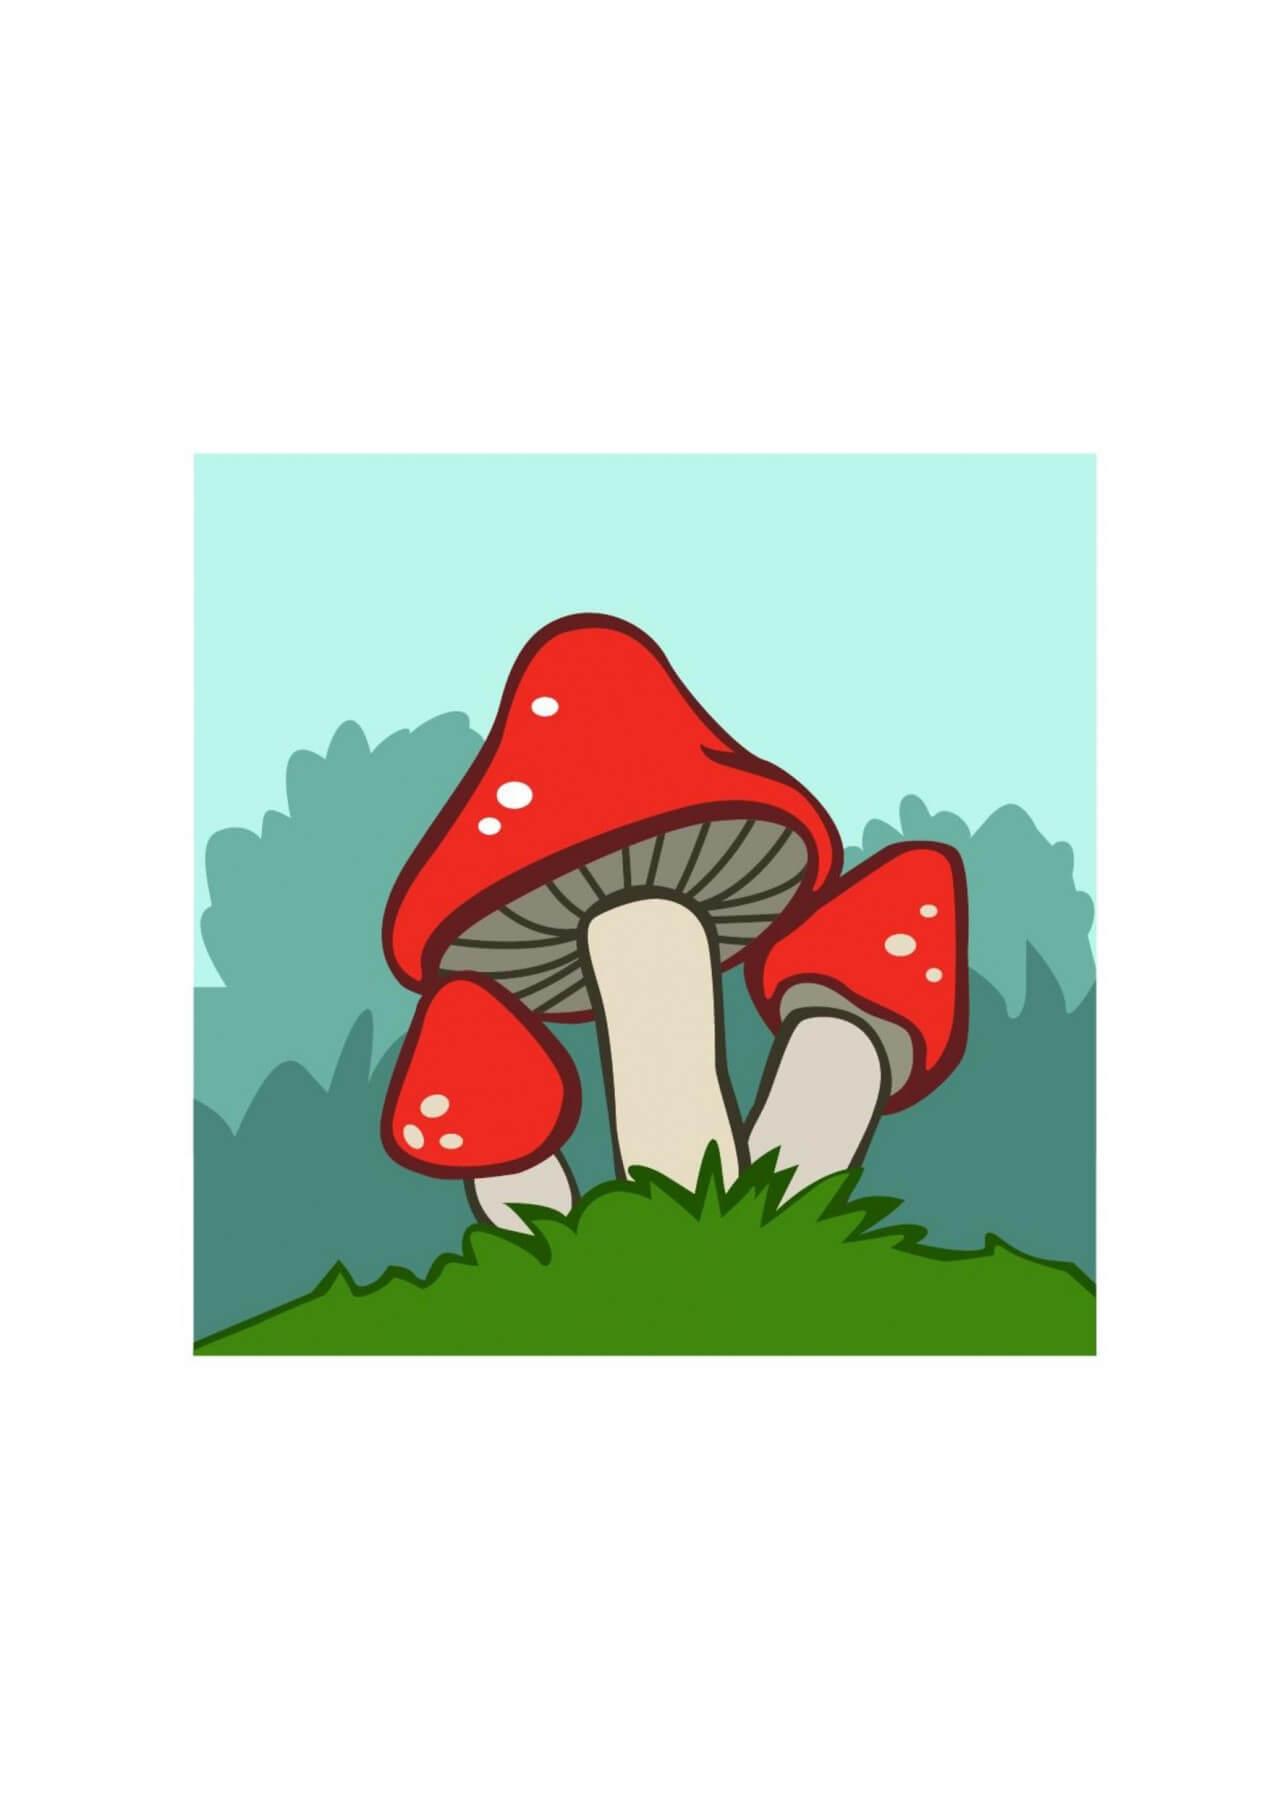 """Free vector """"Mushrooms vector illustrations """""""